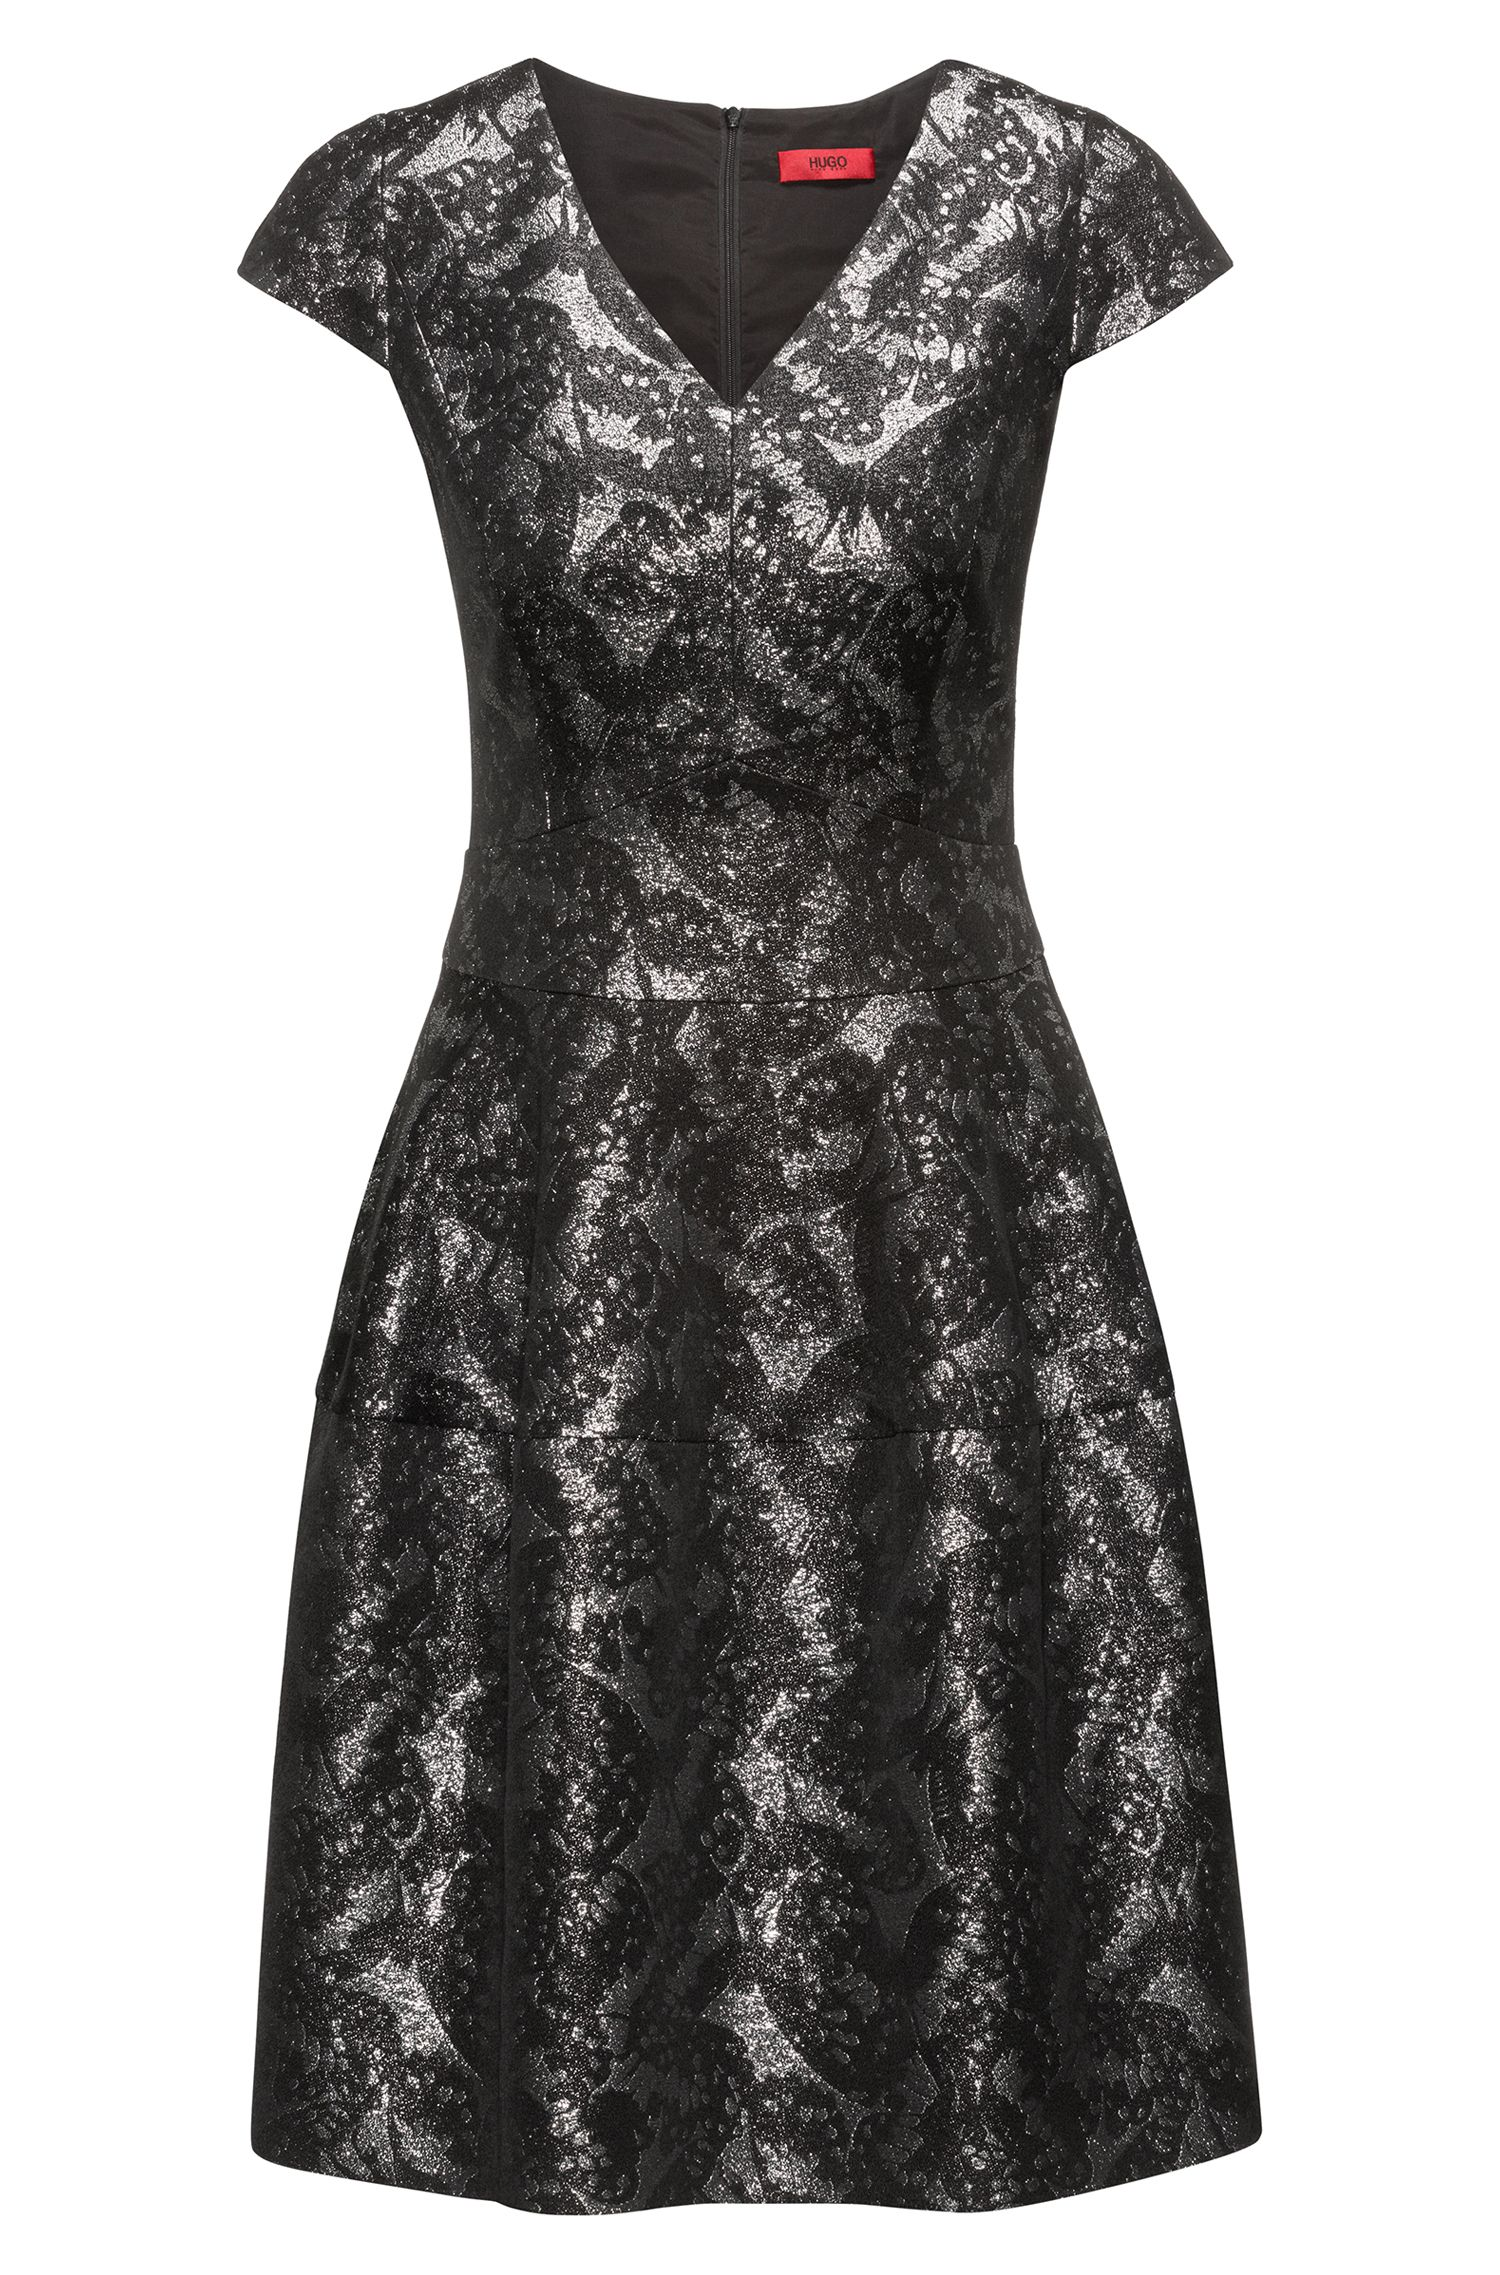 Patterned Jaquard Dress | Konelly